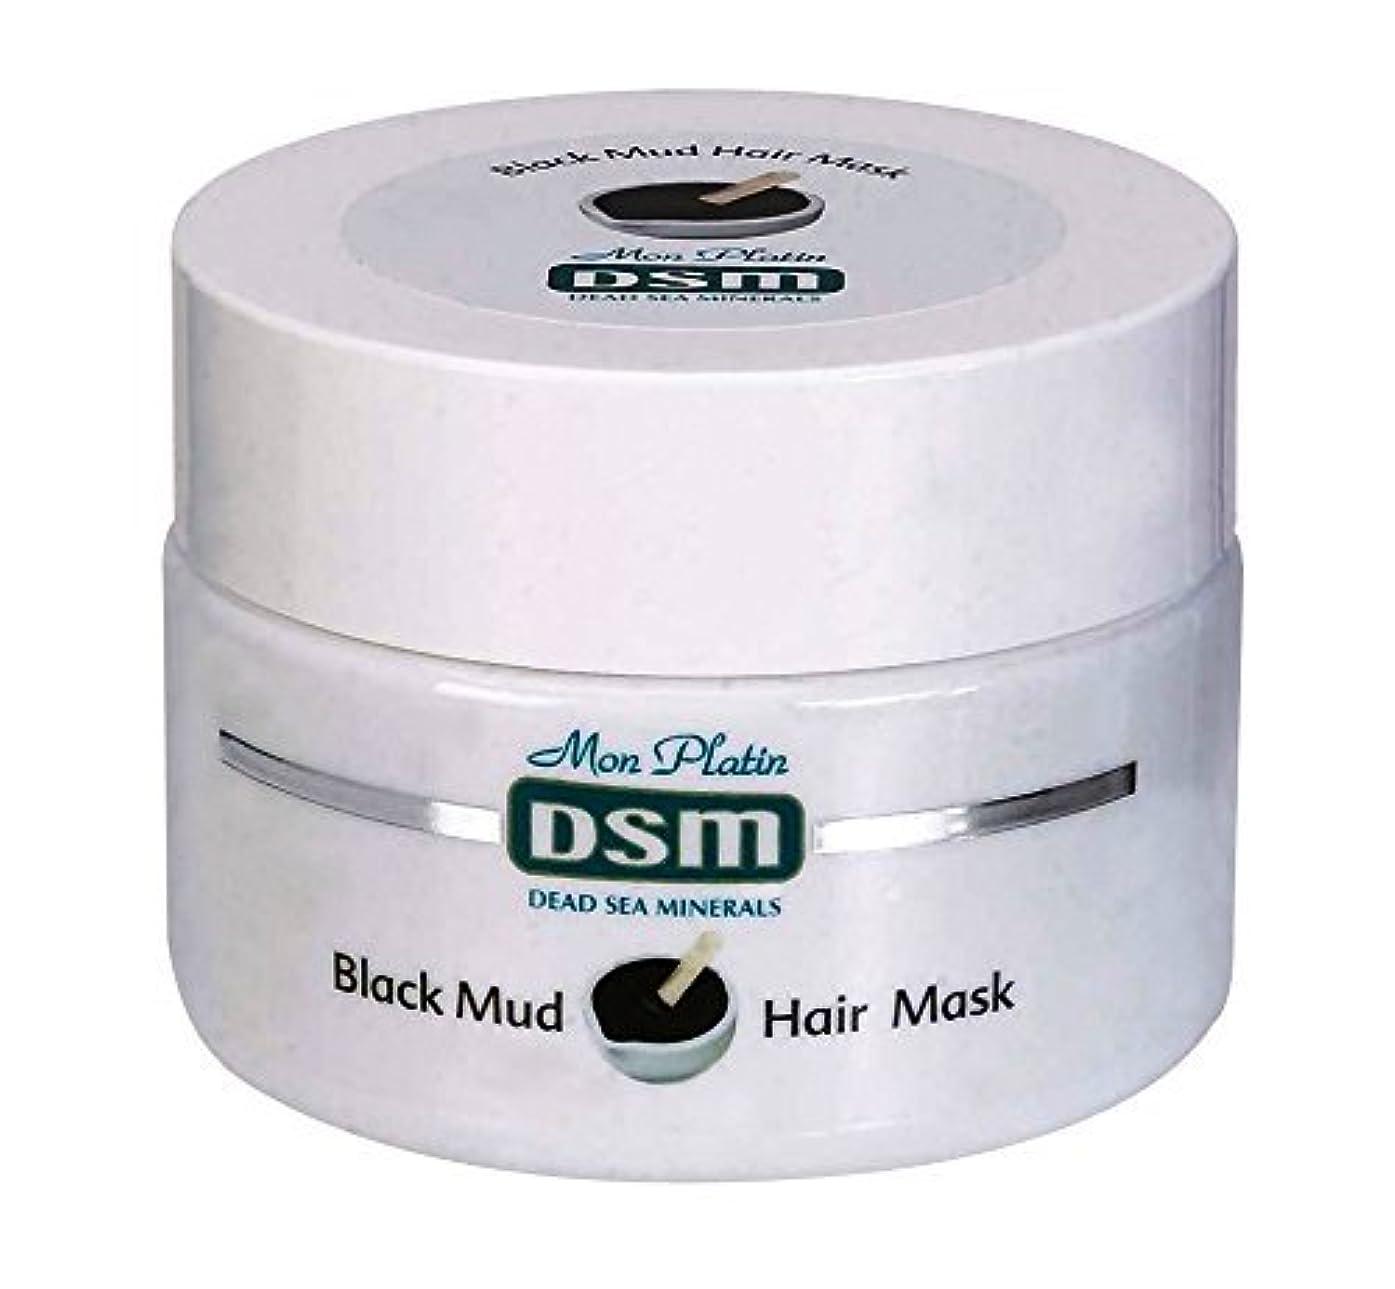 入手します拡散する寄託頭皮と髪のための髪の泥マスク 250mL 死海ミネラル 天然 お手入れ 美容 イスラエル 全皮膚タイプ ビタミン (Mud Hair Mask  for Scalp & Hair)